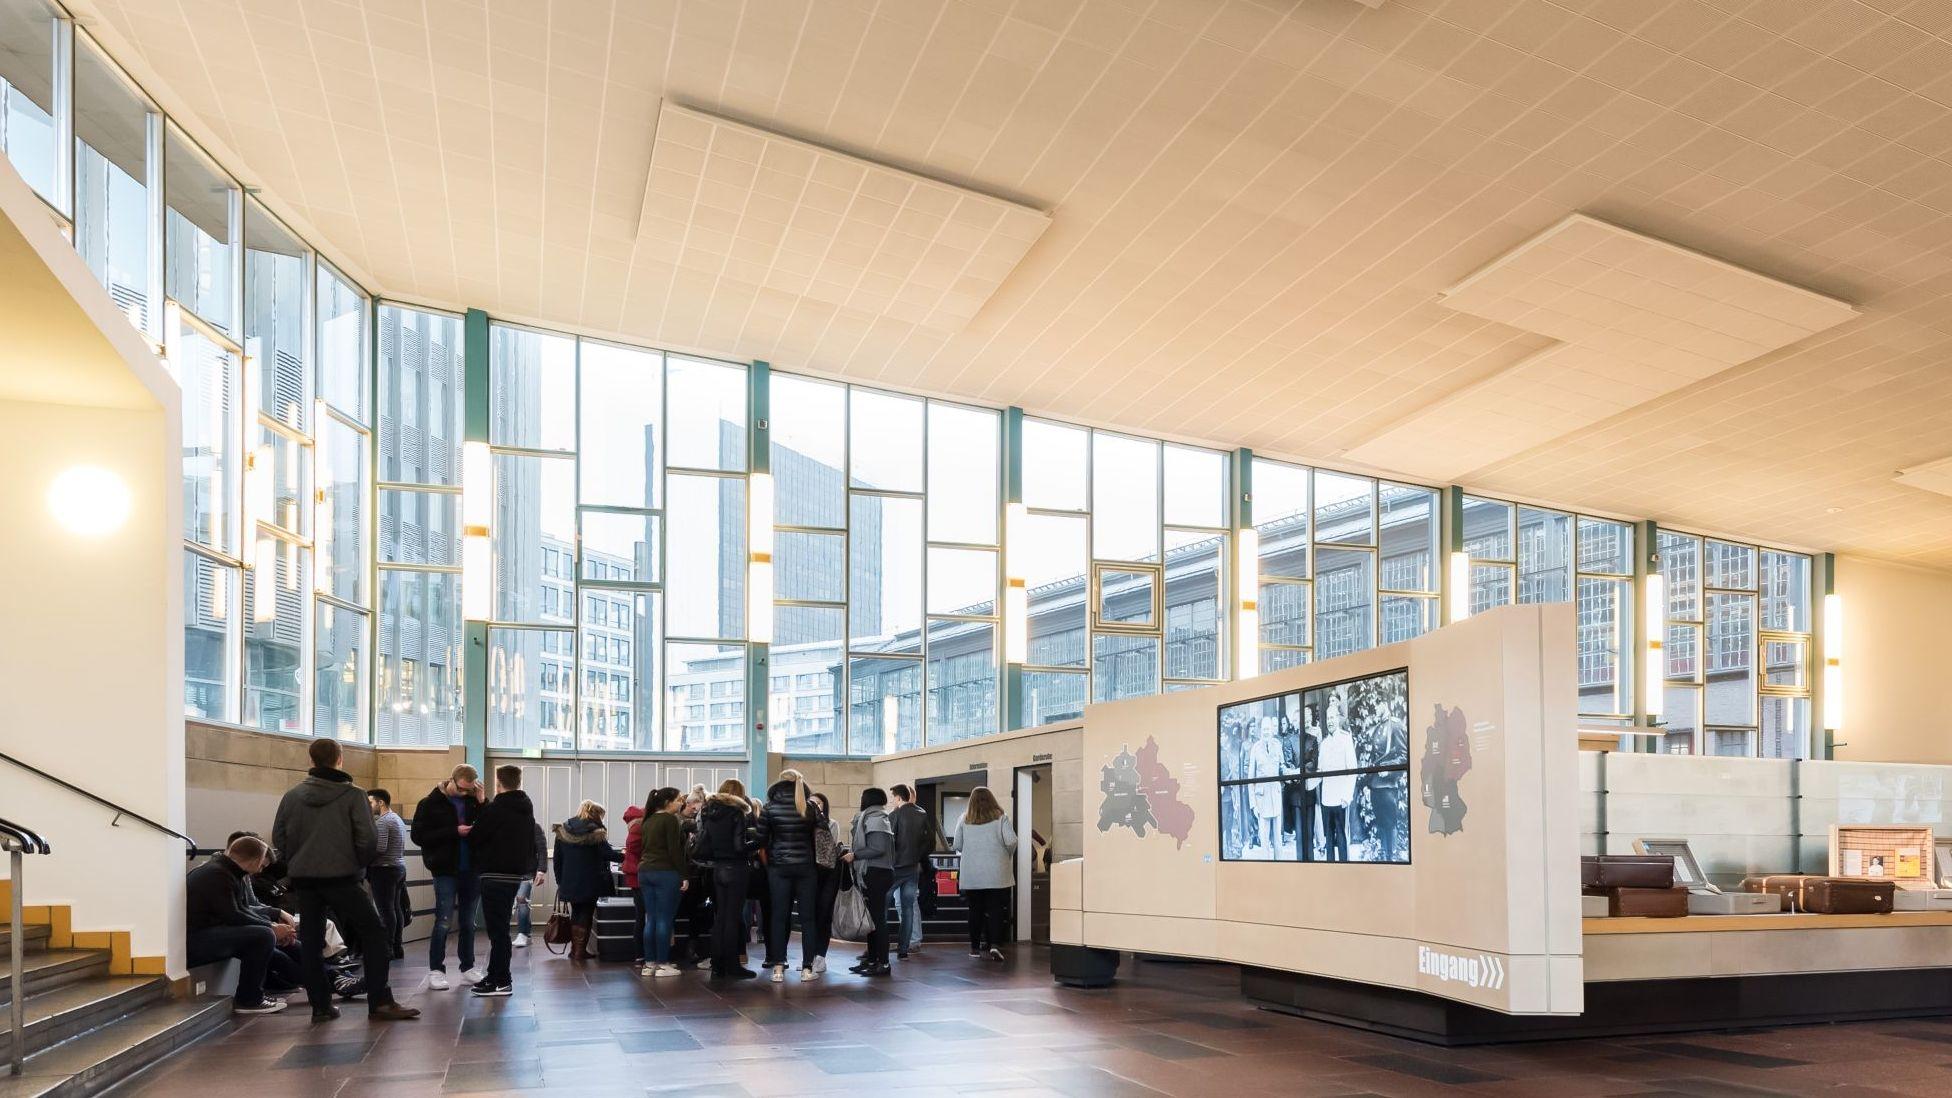 Blick in die große ehemalige Ausreisehalle und den Eingangsbereich der Ausstellung. Besucher stehen vor der großen Fensterfront, hinter der man u.a. den Bahnhof Friedrichstraße sieht